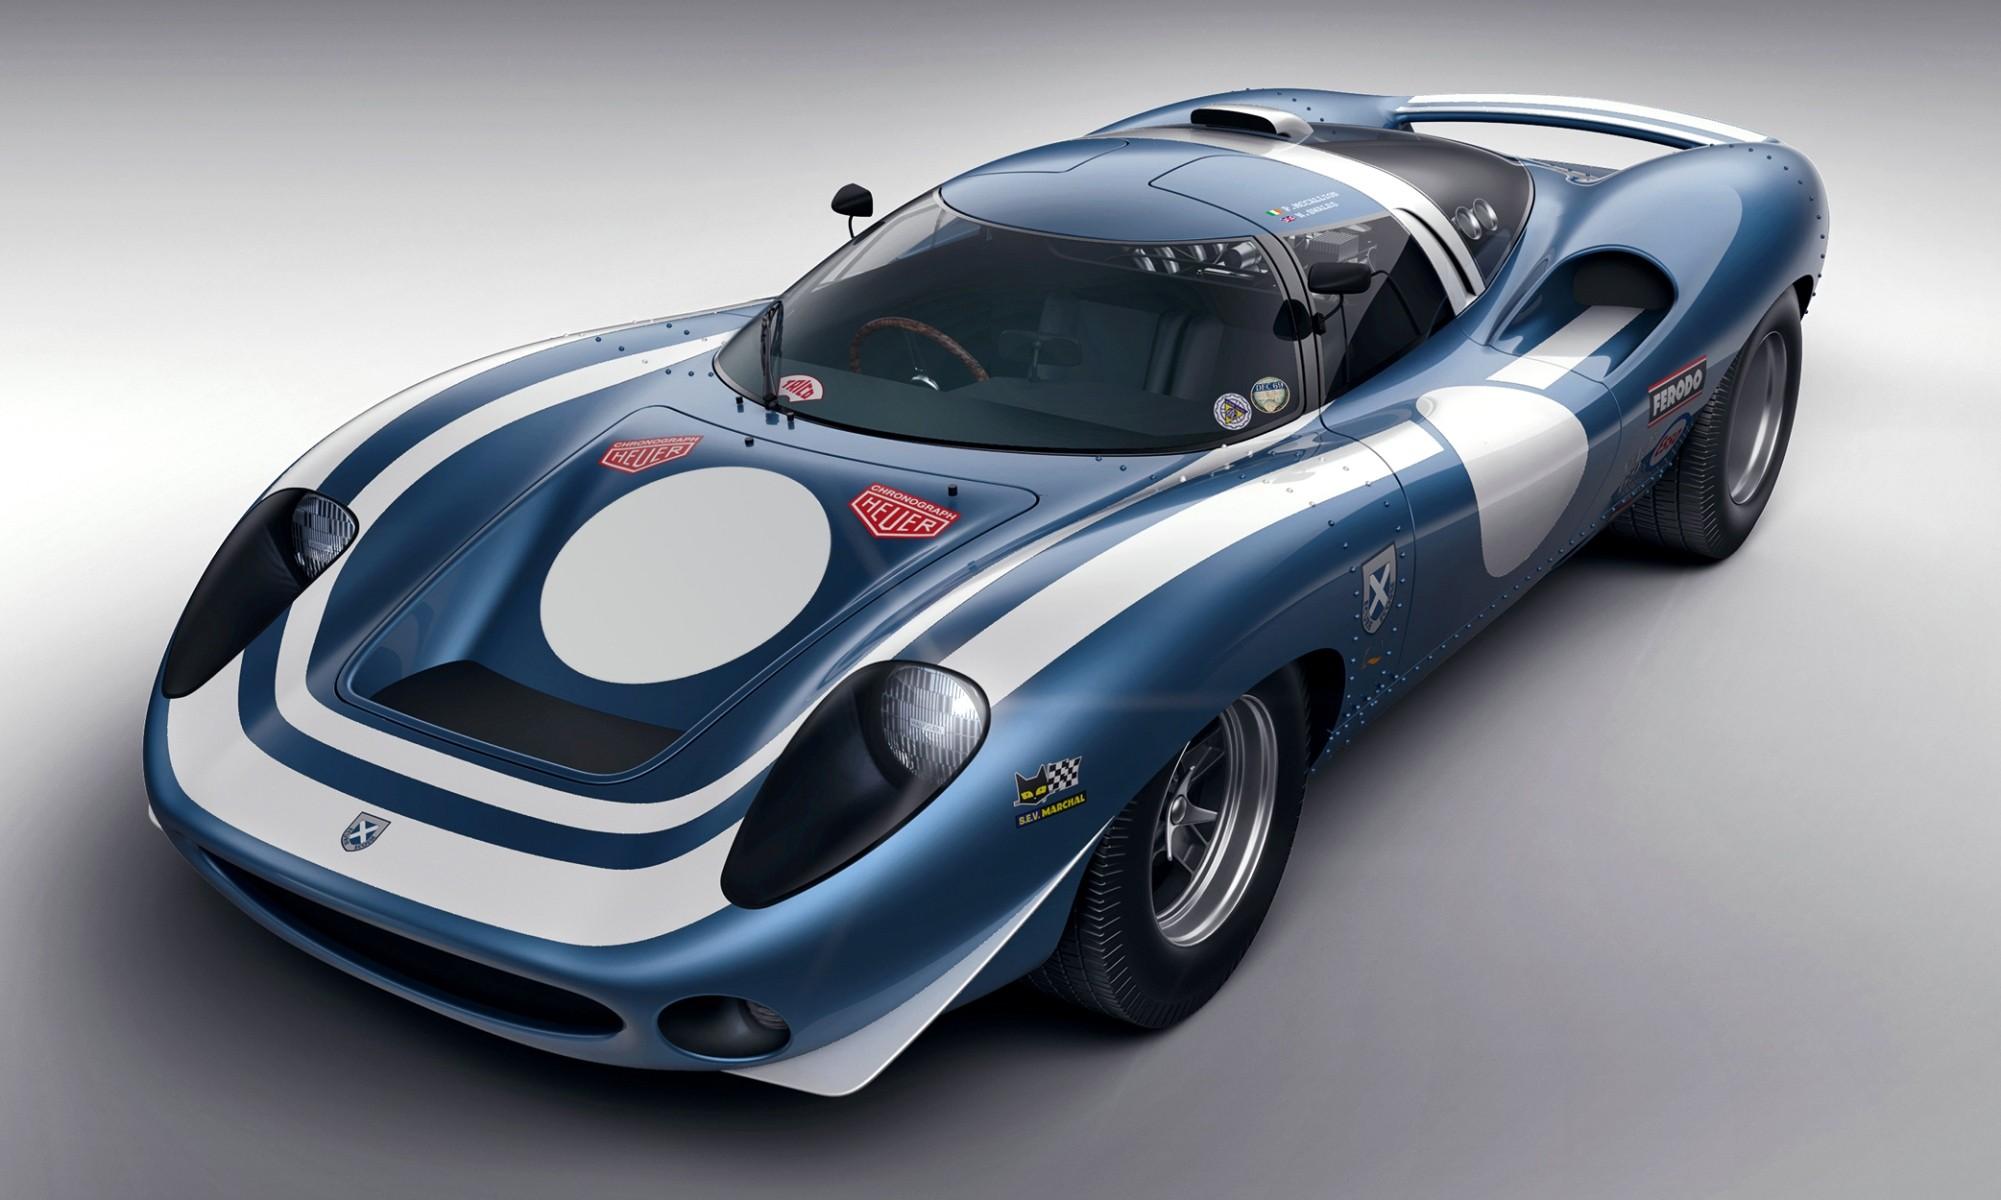 Ecurie Ecosse LM69 Concept front